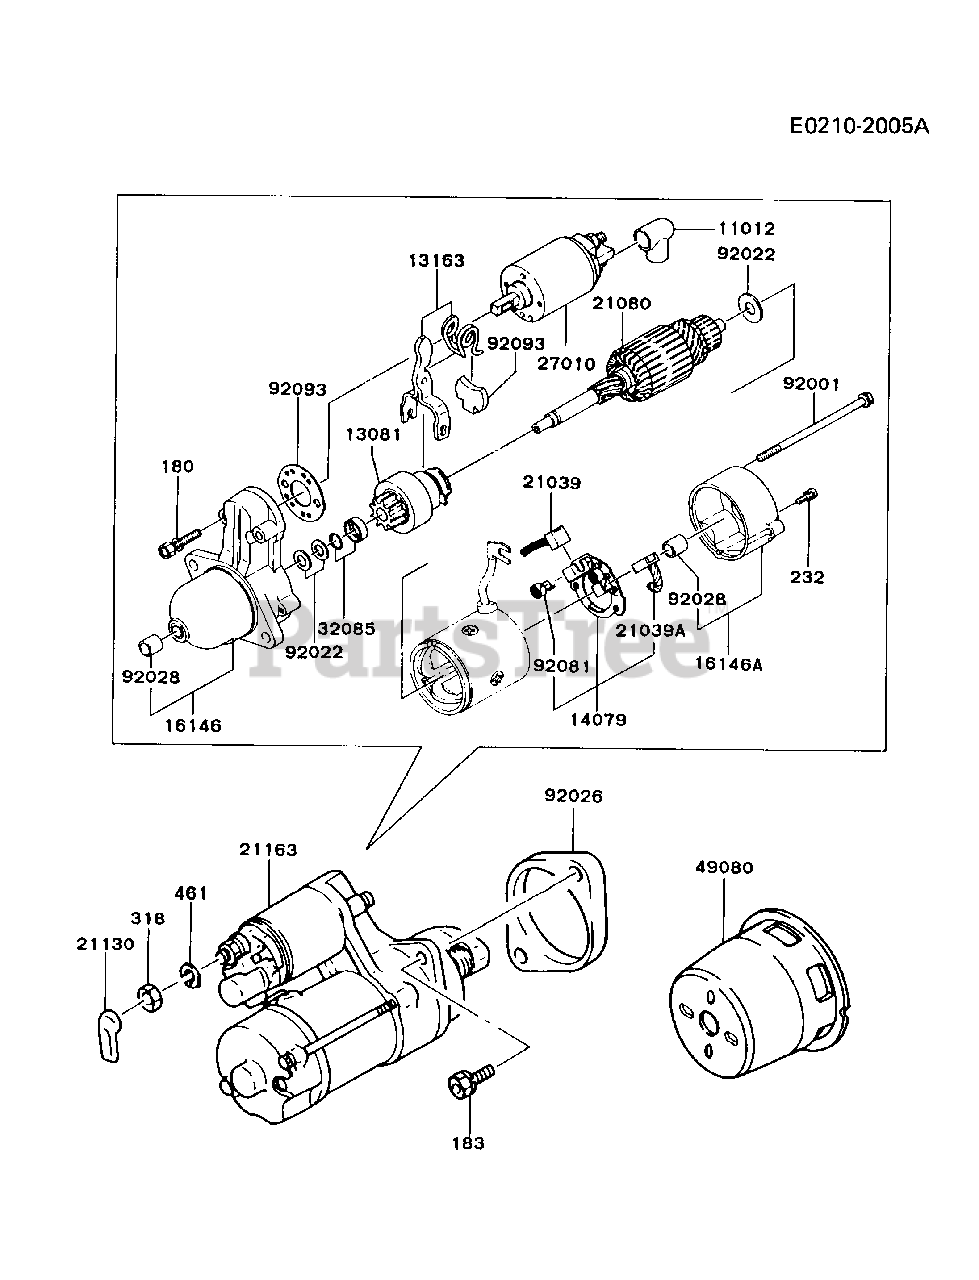 [DIAGRAM_4FR]  Kawasaki FG300D-FS01 - Kawasaki Engine STARTER Parts Lookup with Diagrams |  PartsTree | Kawasaki Engine Parts Diagrams |  | PartsTree